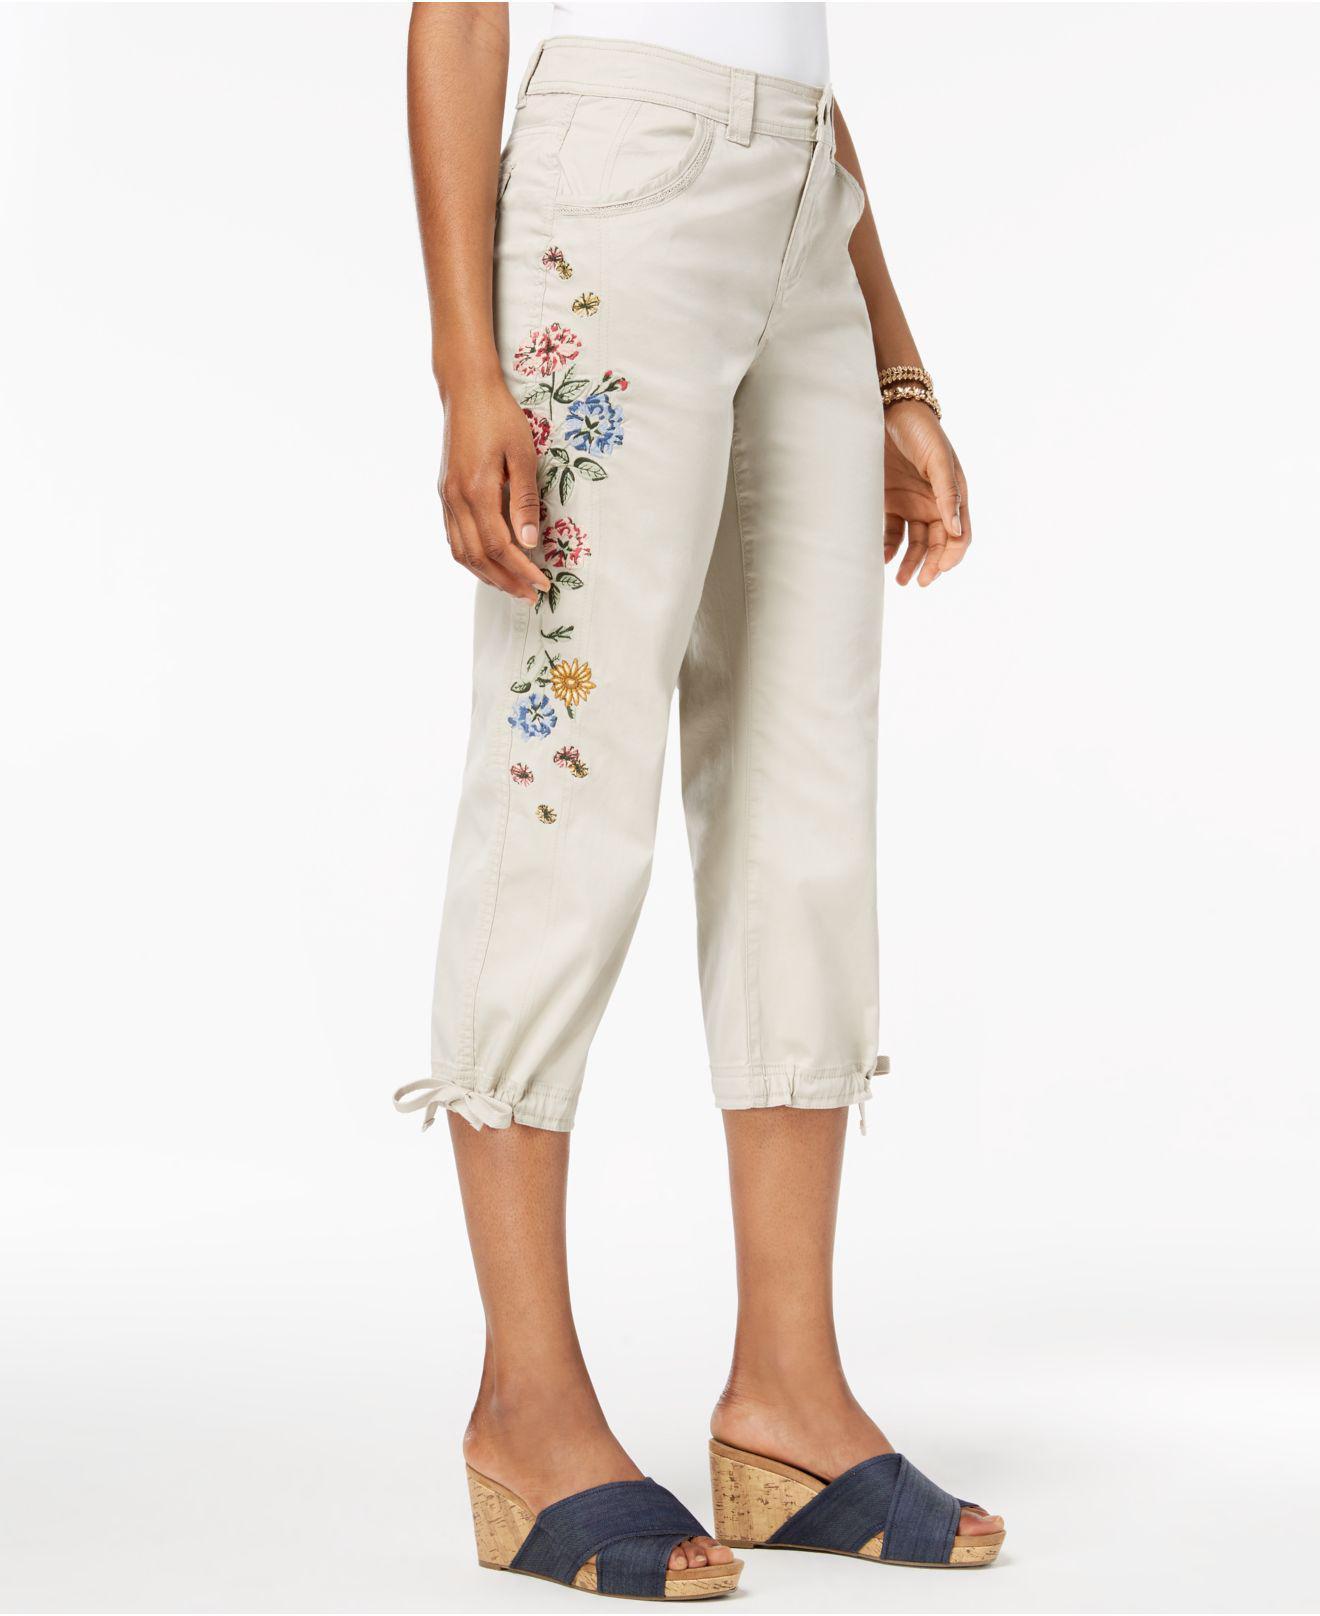 278425bfca9e Macys Petite Floral Dresses